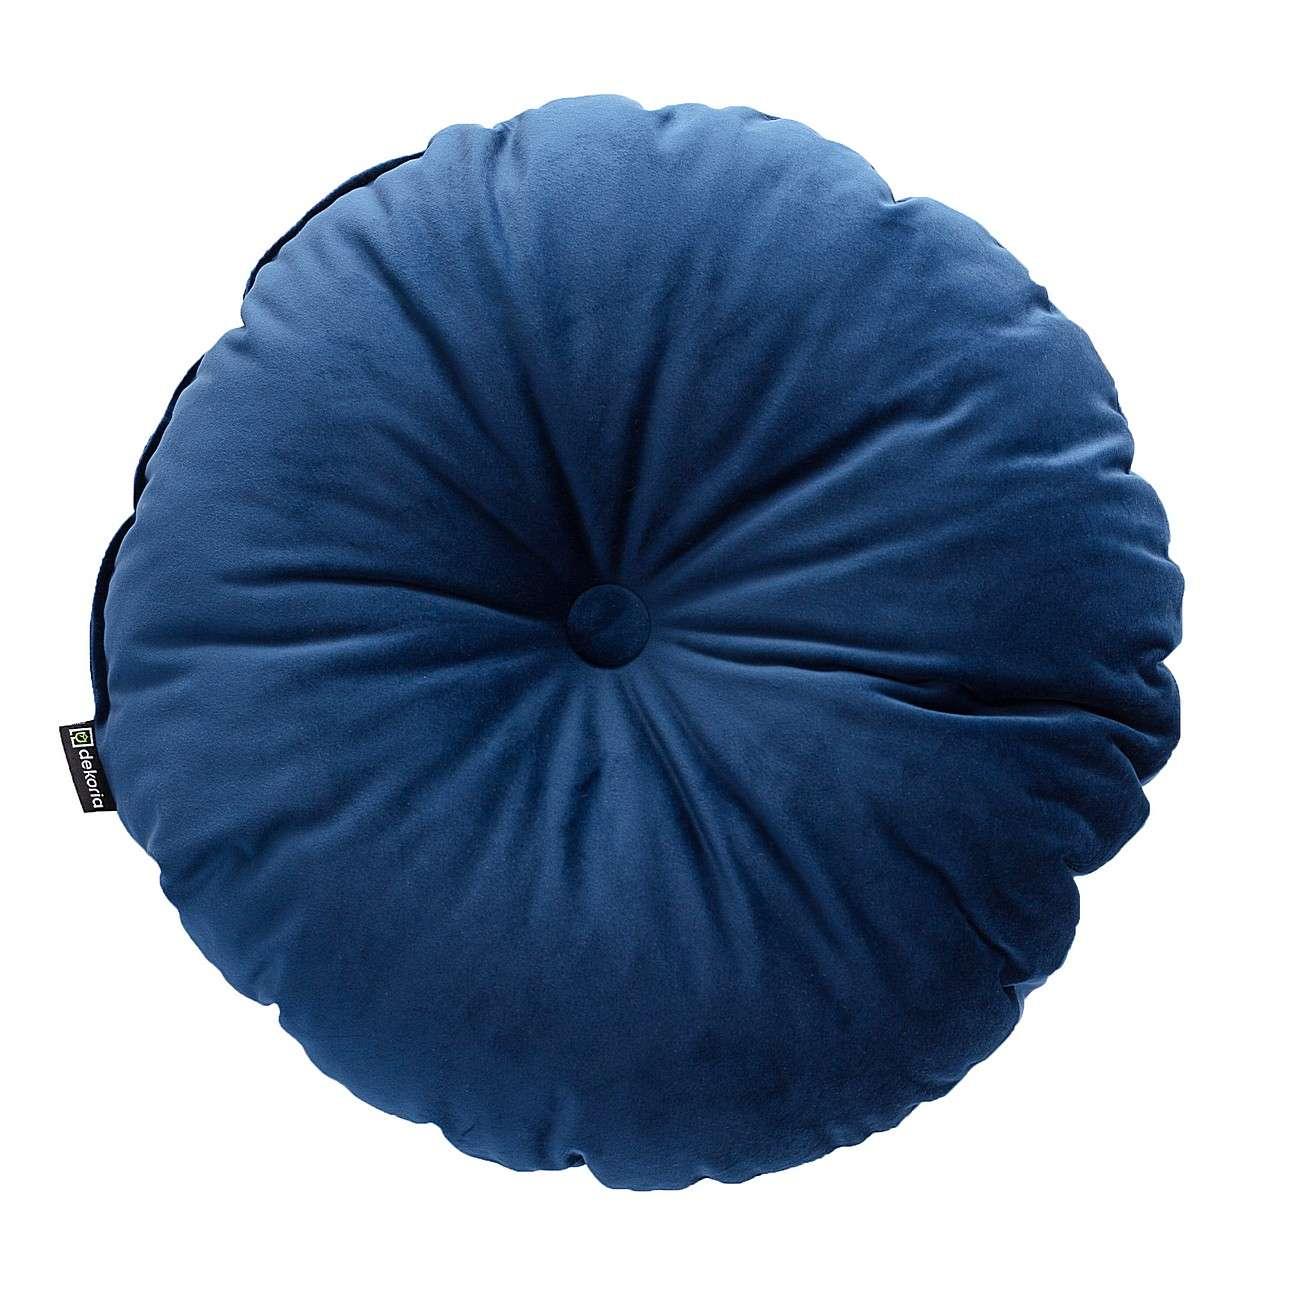 Poduszka okrągła Velvet z guzikiem w kolekcji Velvet, tkanina: 704-29